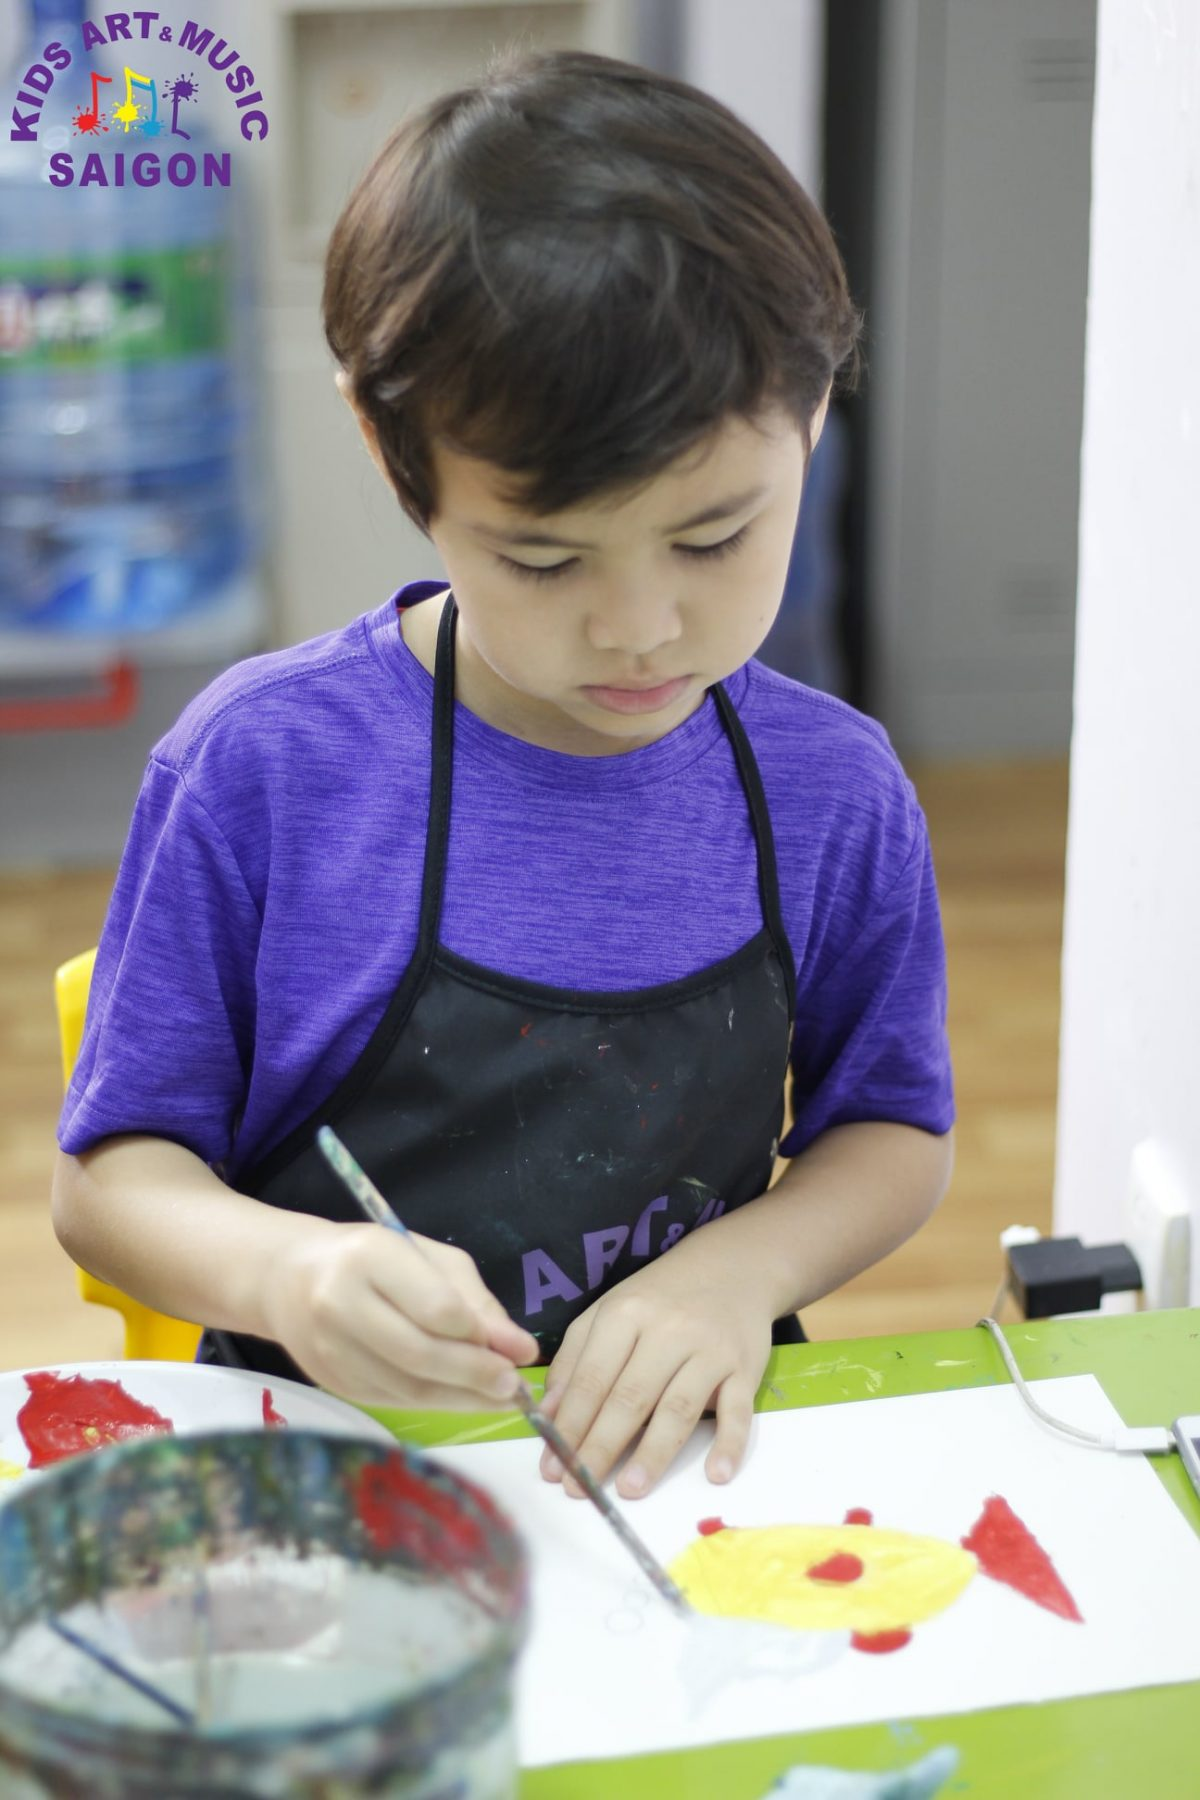 Học vẽ ở Hải Phòng – Đoán nghề nghiệp tương lai của trẻ qua bức vẽ